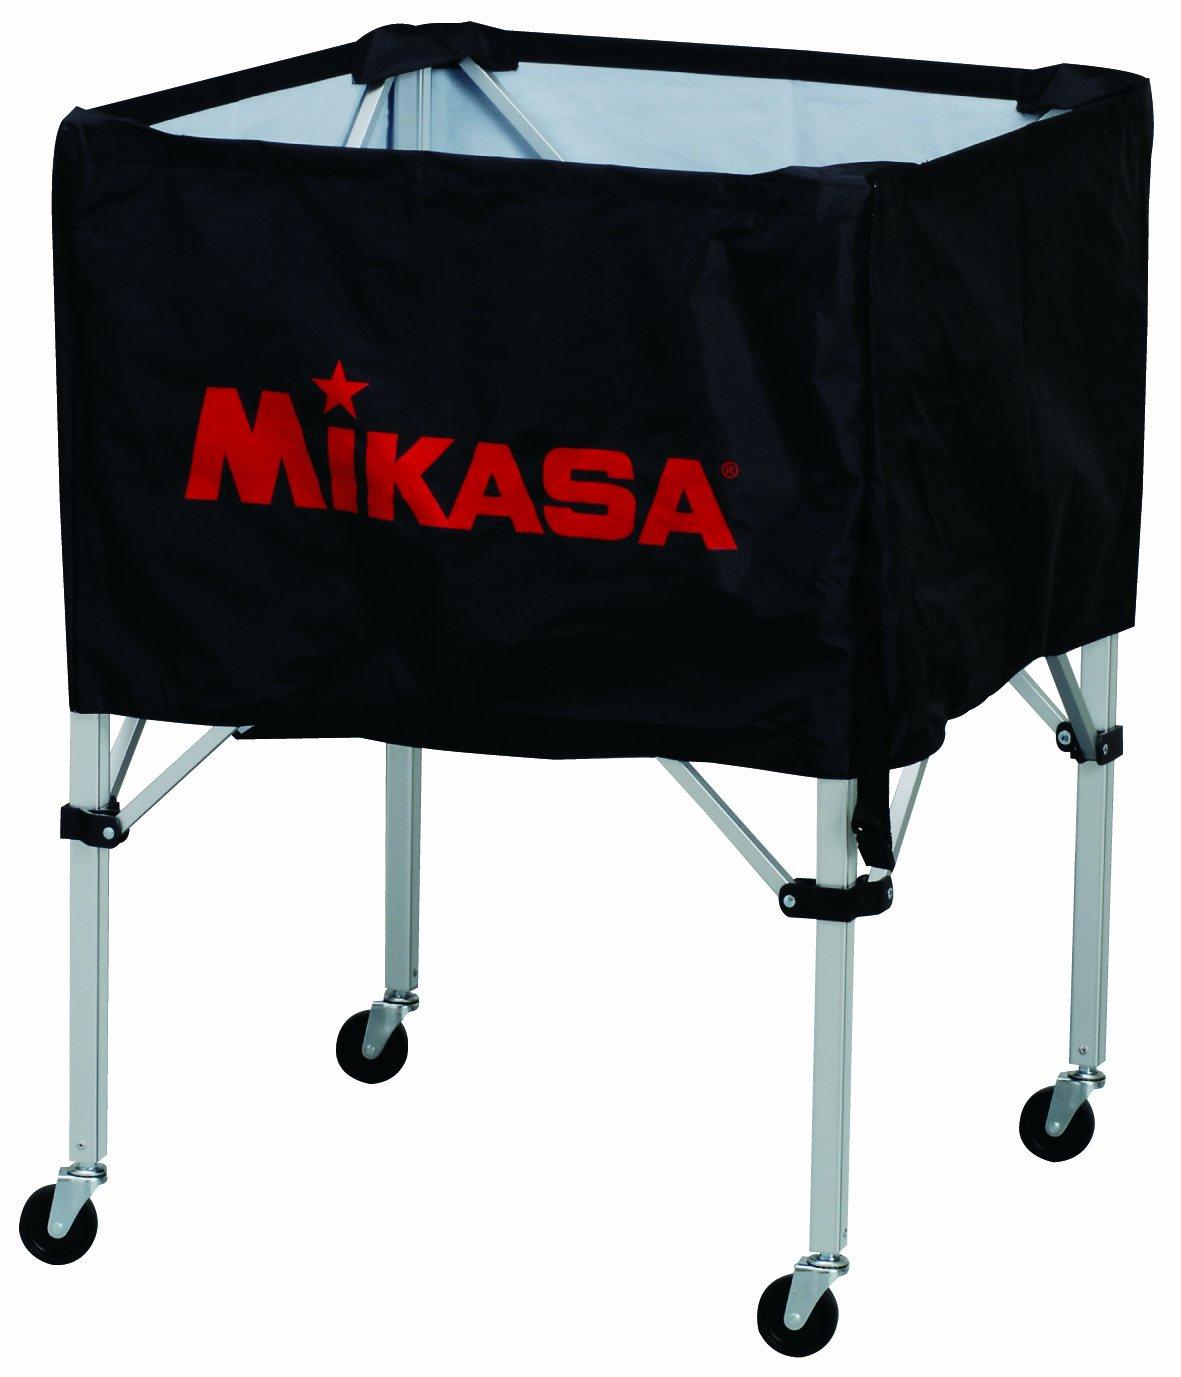 ミカサ ボールカゴ ブラック フレーム/幕体/キャリーケース3点セット BC-SP-S BK B003T9W5WU